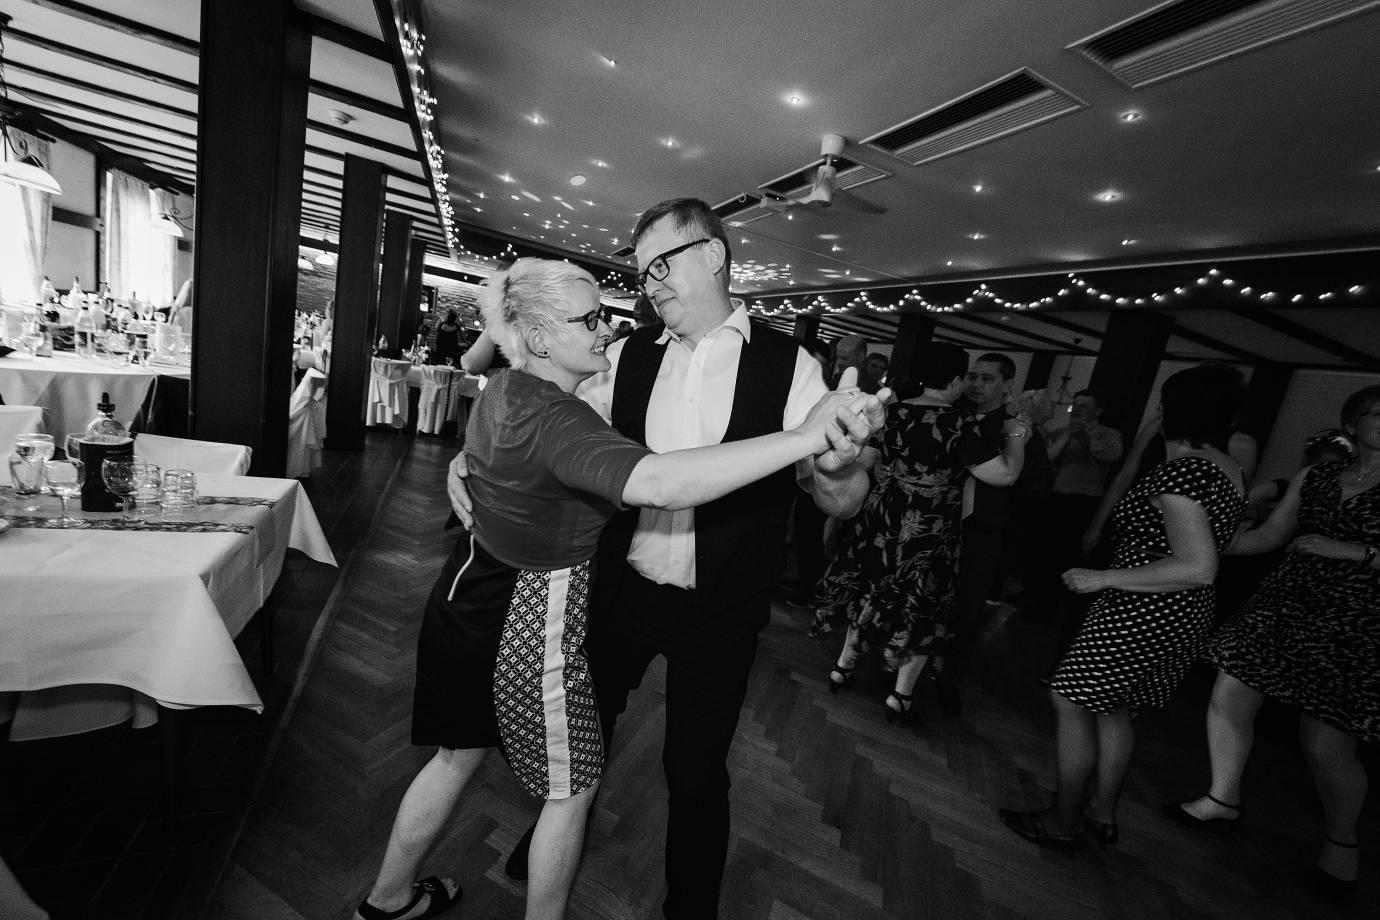 hochzeitsfotograf hambergen 192 - Iris+Sascha